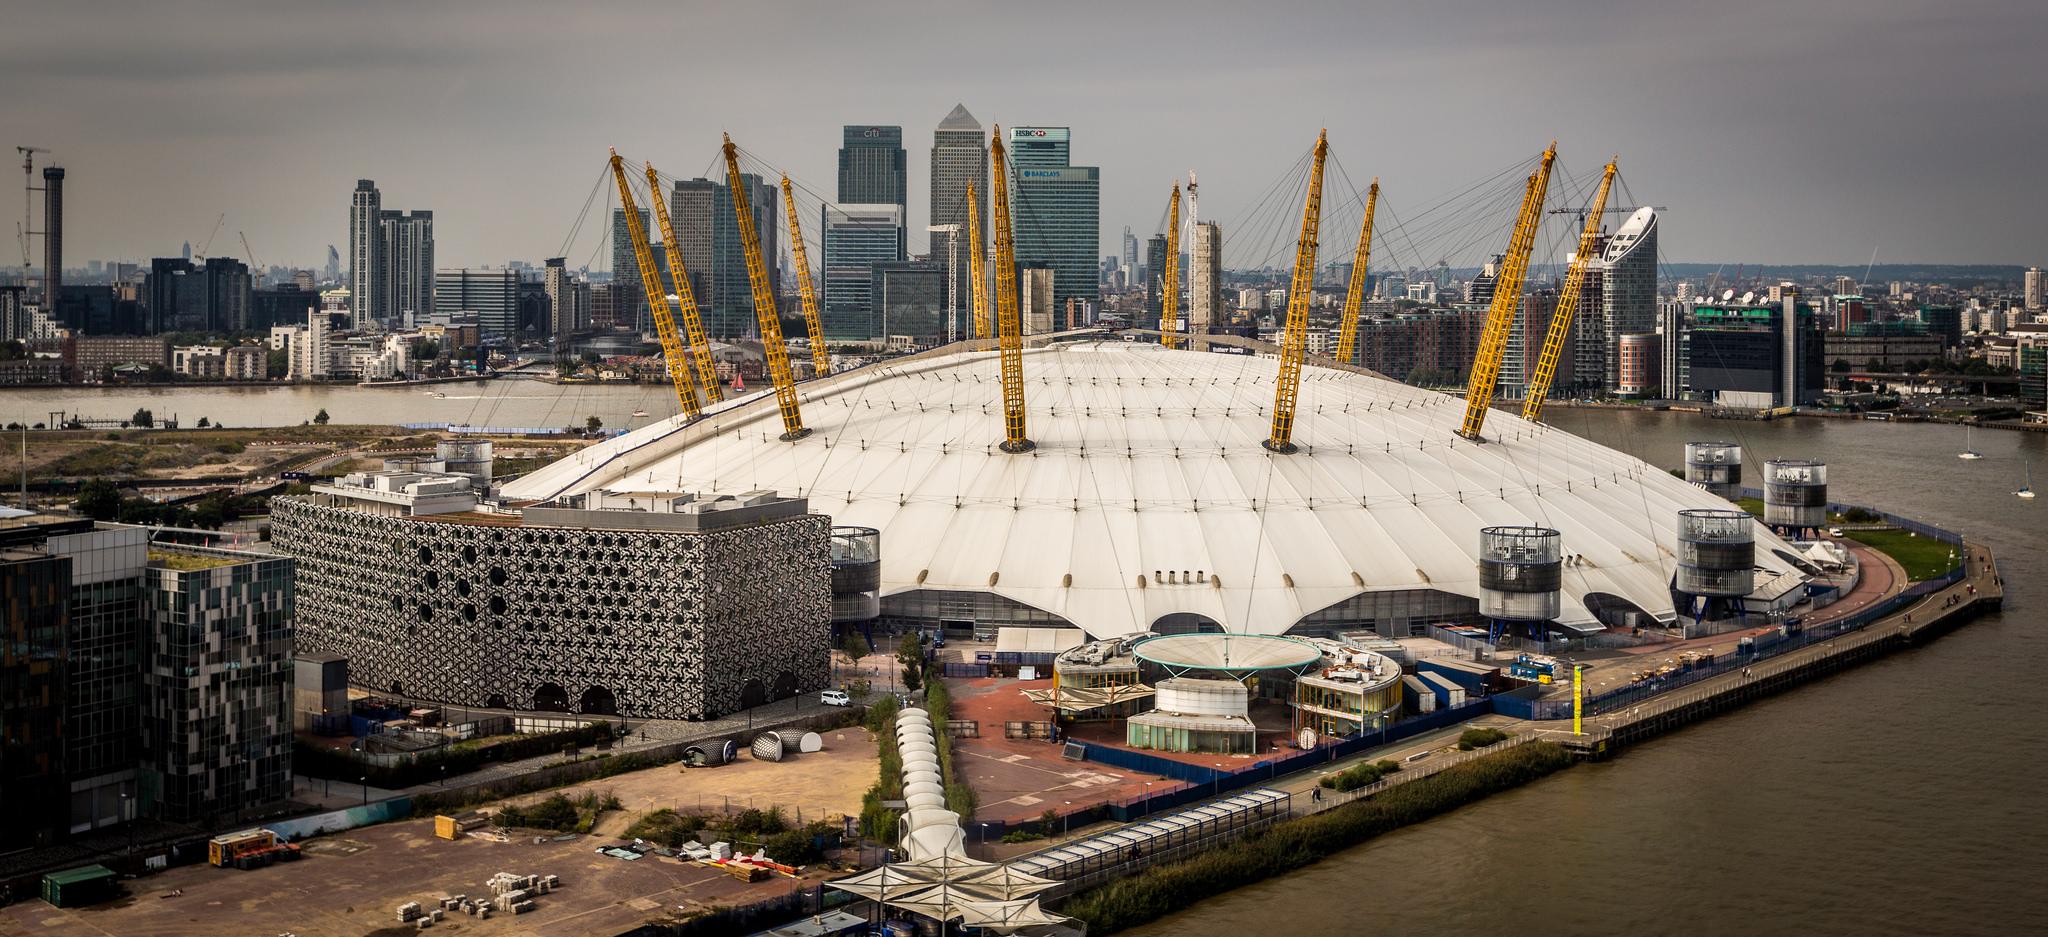 Adatvezérelt marketing a szórakoztatóiparban - ez segíti a rendezvényeket a londoni O2 Arénában